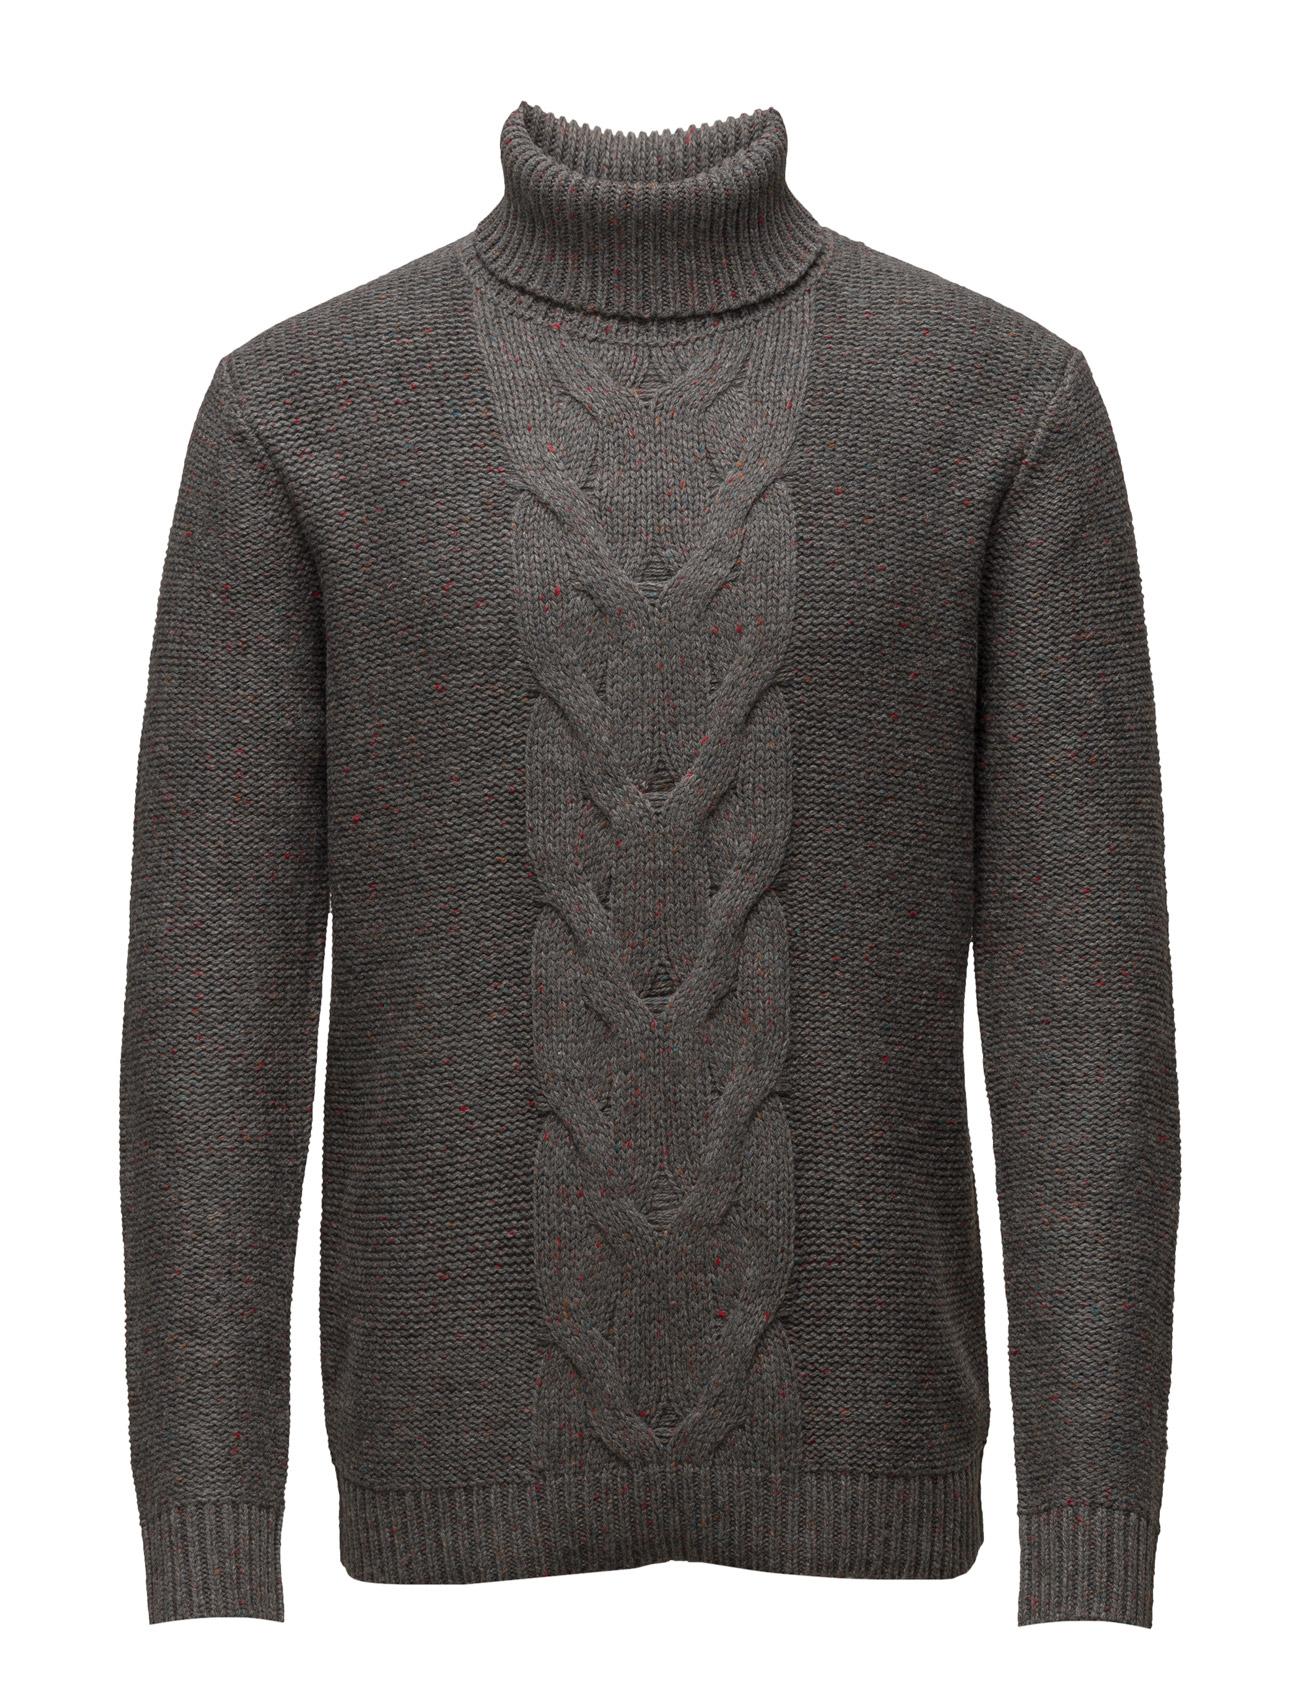 Sweaters Esprit Casual Striktøj til Mænd i Grå